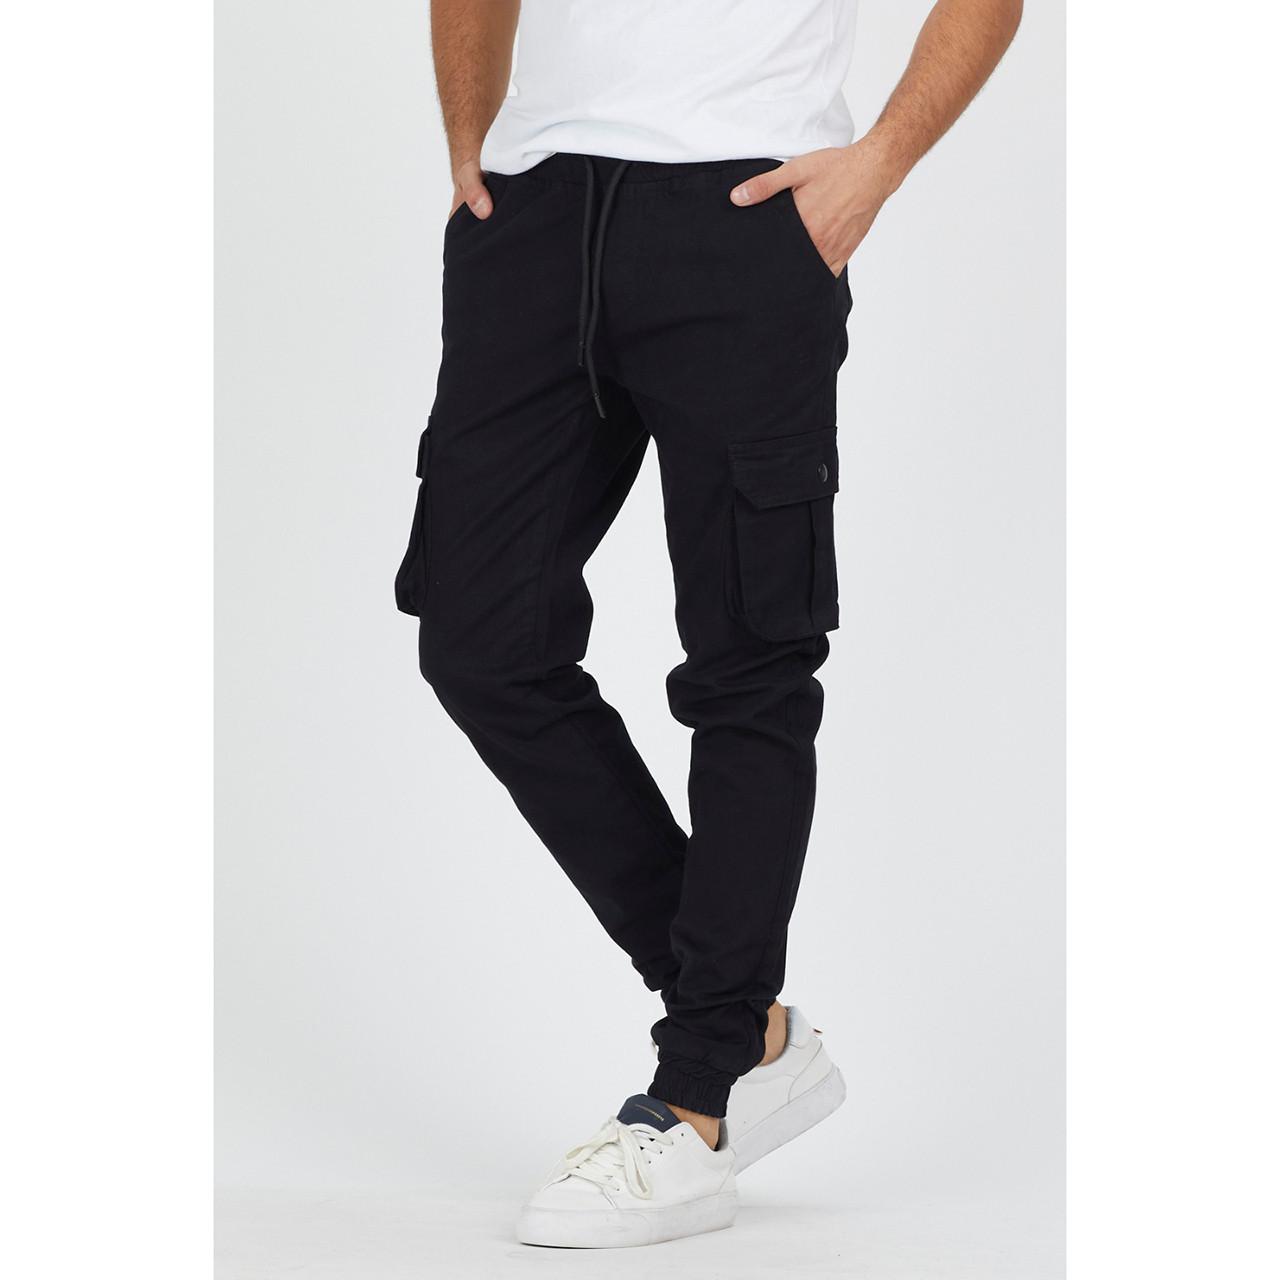 Штани чоловічі чорні бавовняні з кишенями джогери